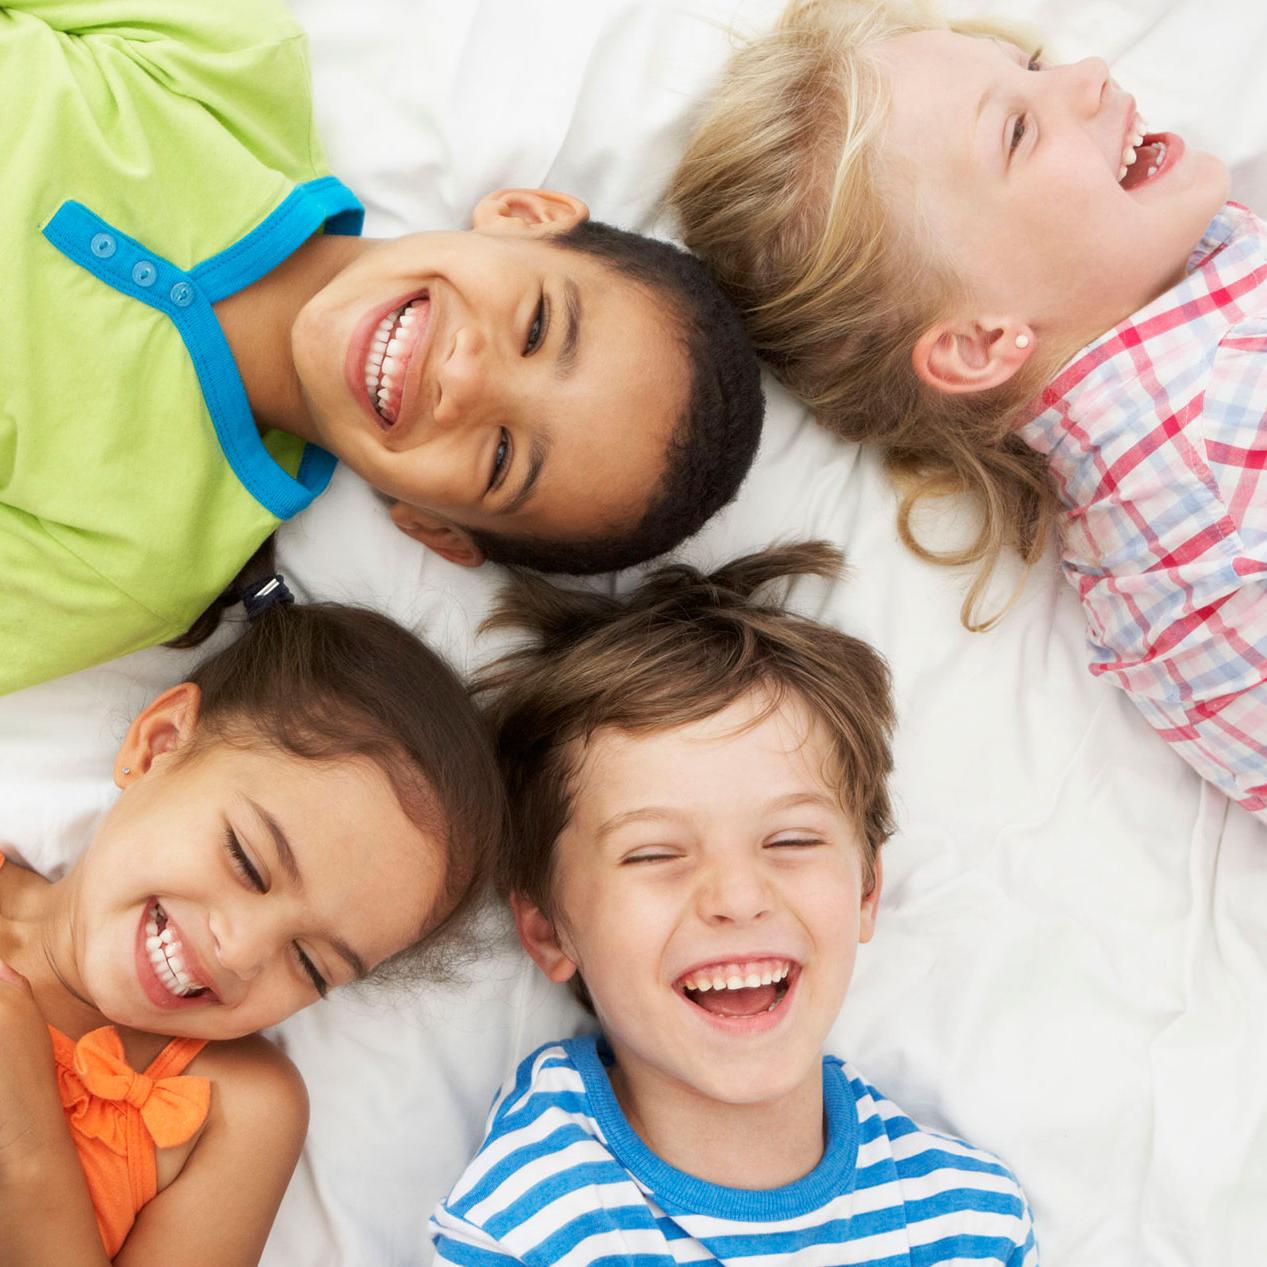 營養品食用方法&說明 - 兒童消化酵素